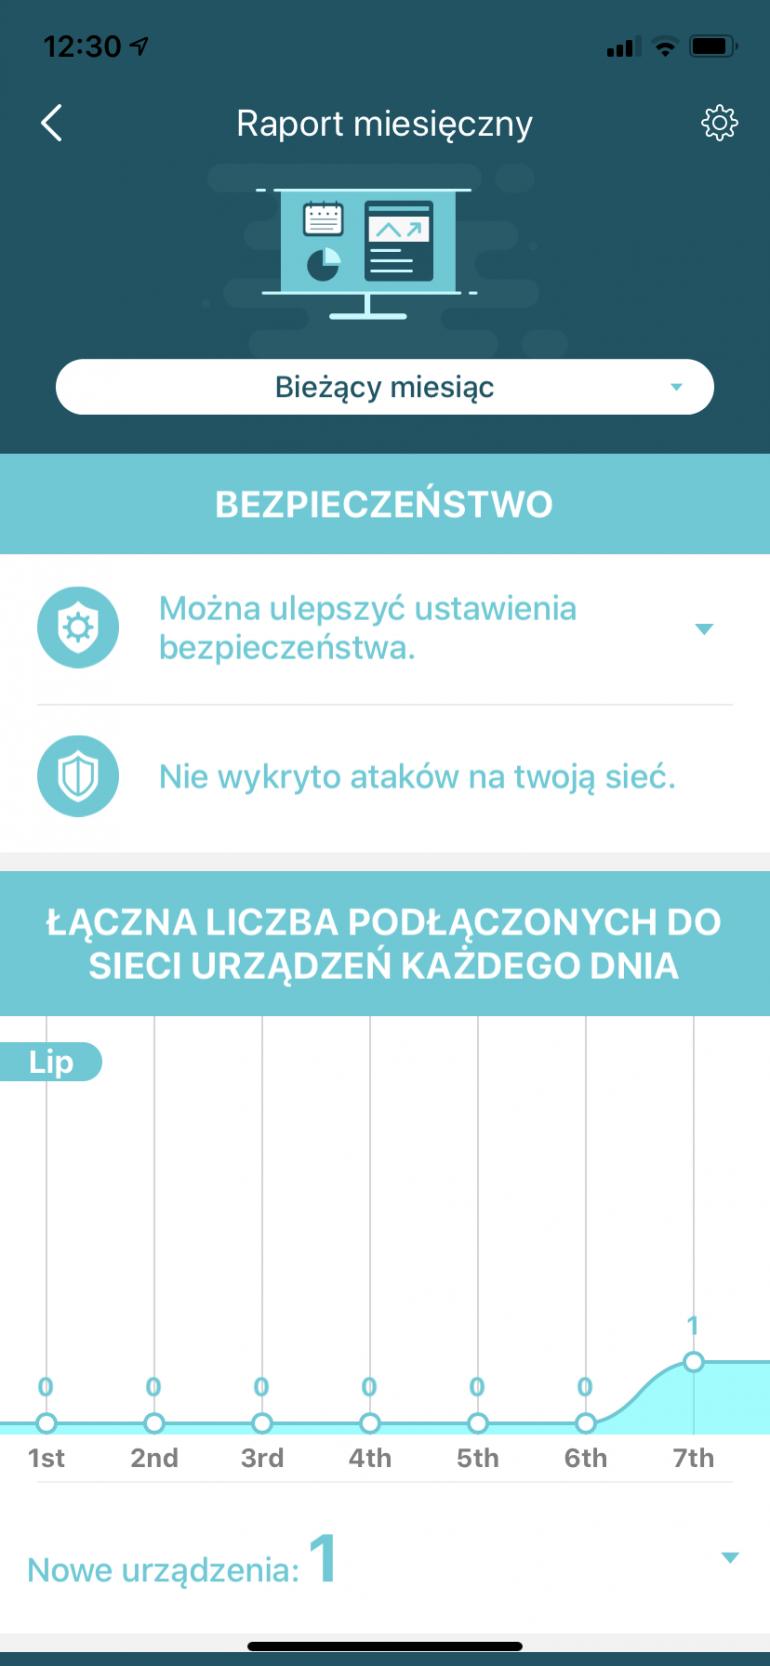 Raport miesięczny w aplikacji mobilnej Deco